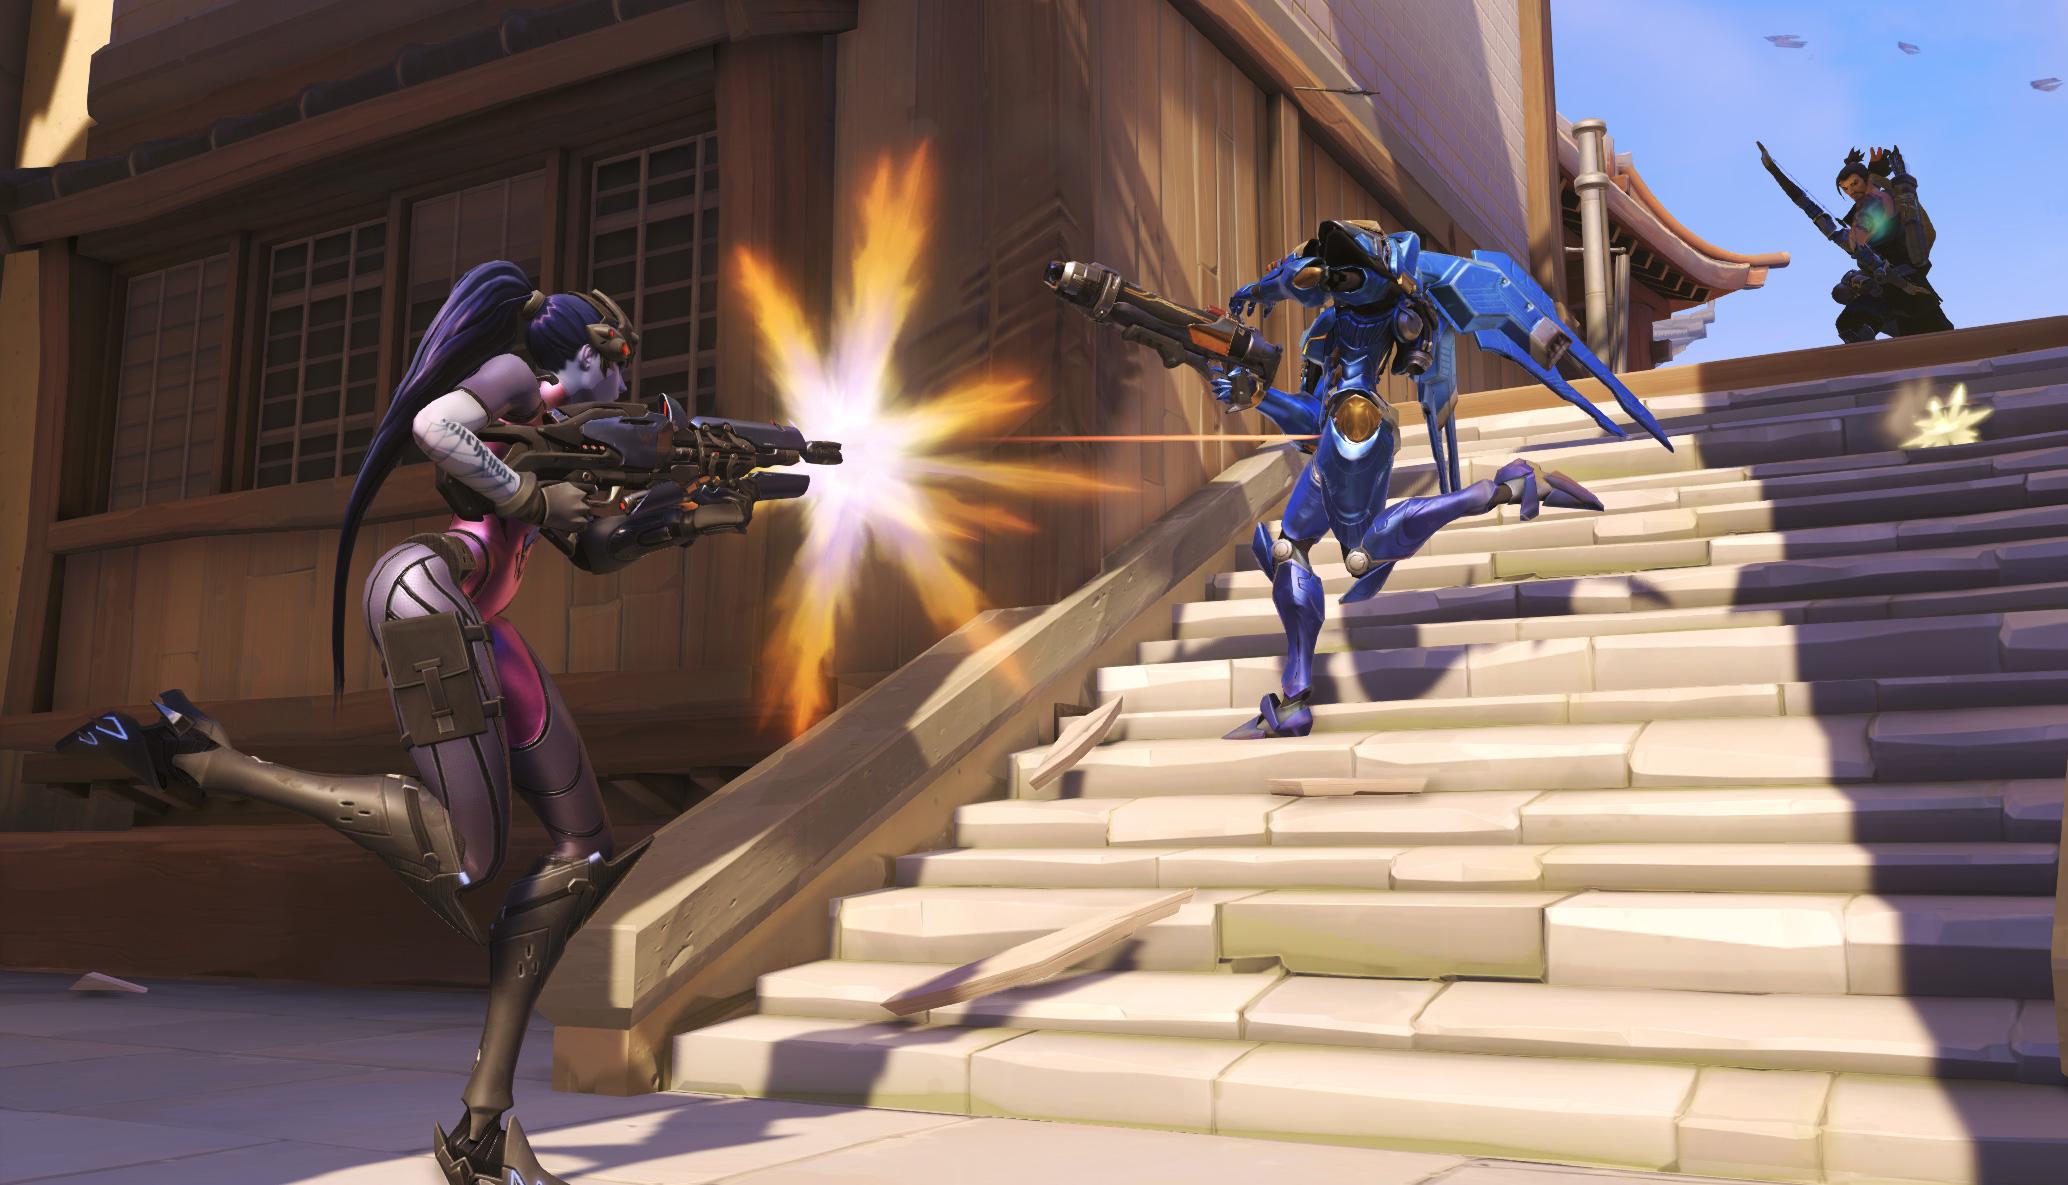 - widowmaker screenshot 005 - La Beta cerrada de Overwatch acabará pronto.